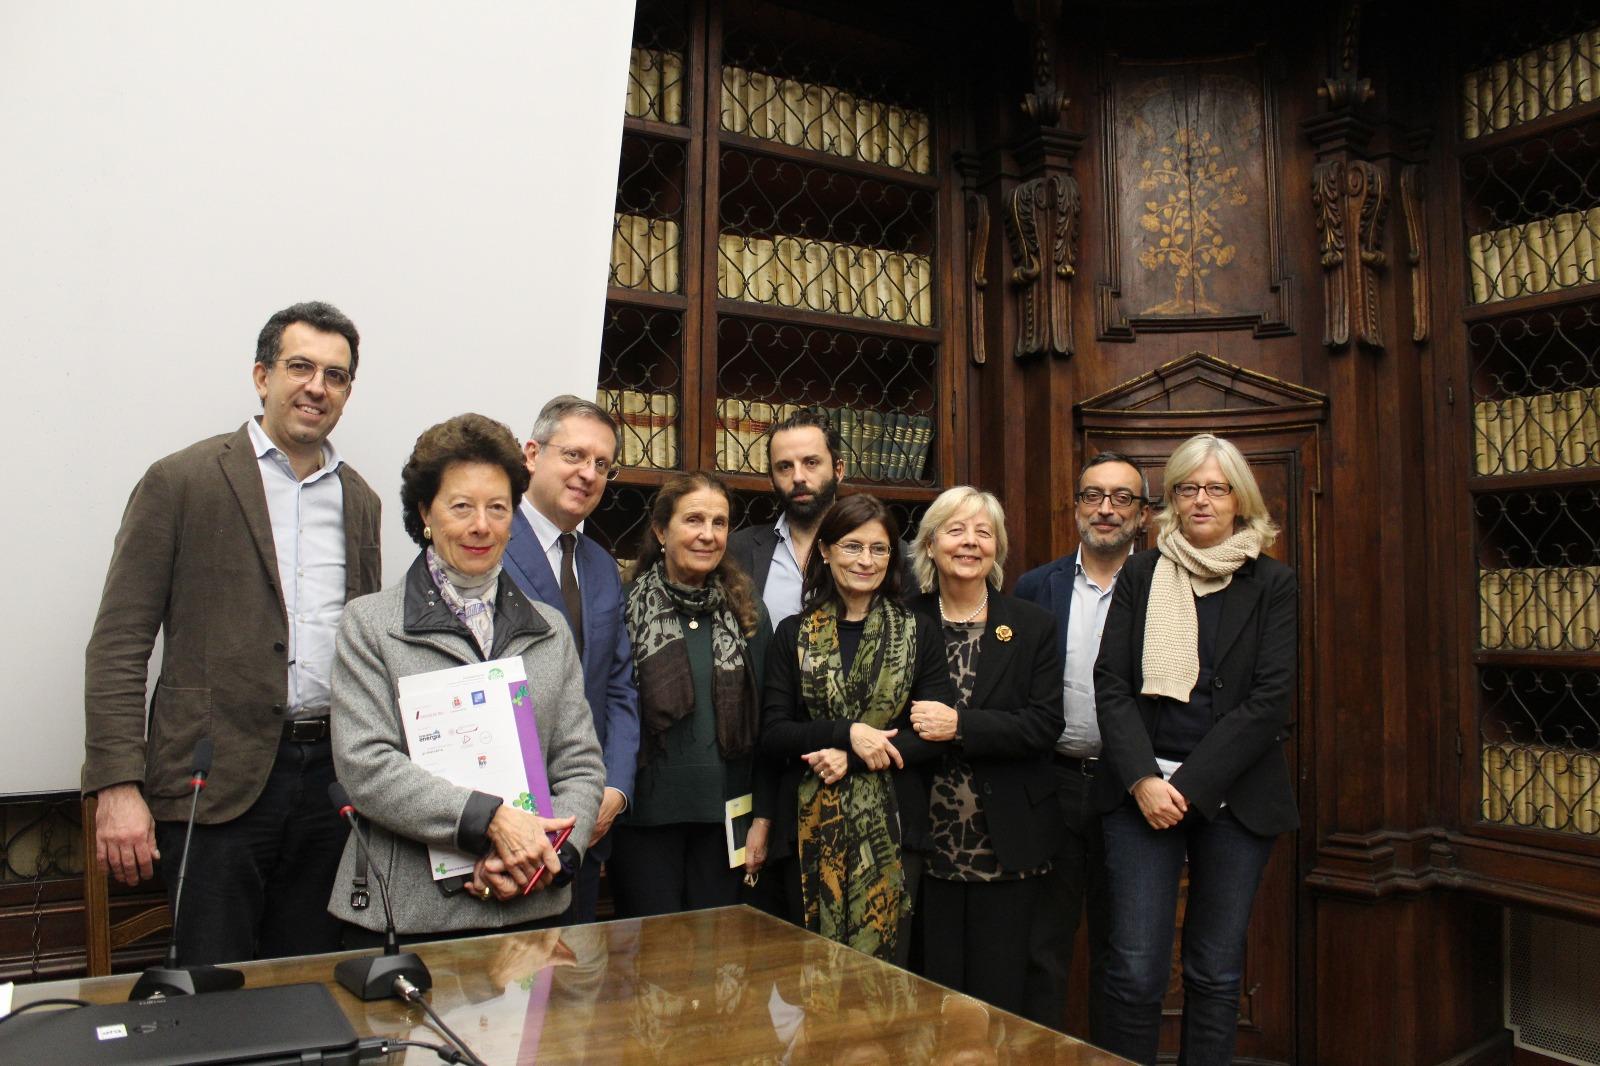 Andrea Ferrante, Marinella Pasquinucci, Marco Filippeschi, Idanna Pucci, Vanni Santoni, Gloria Manghetti, Lucia Della Porta, Fabio Galati, Laura Montanari.